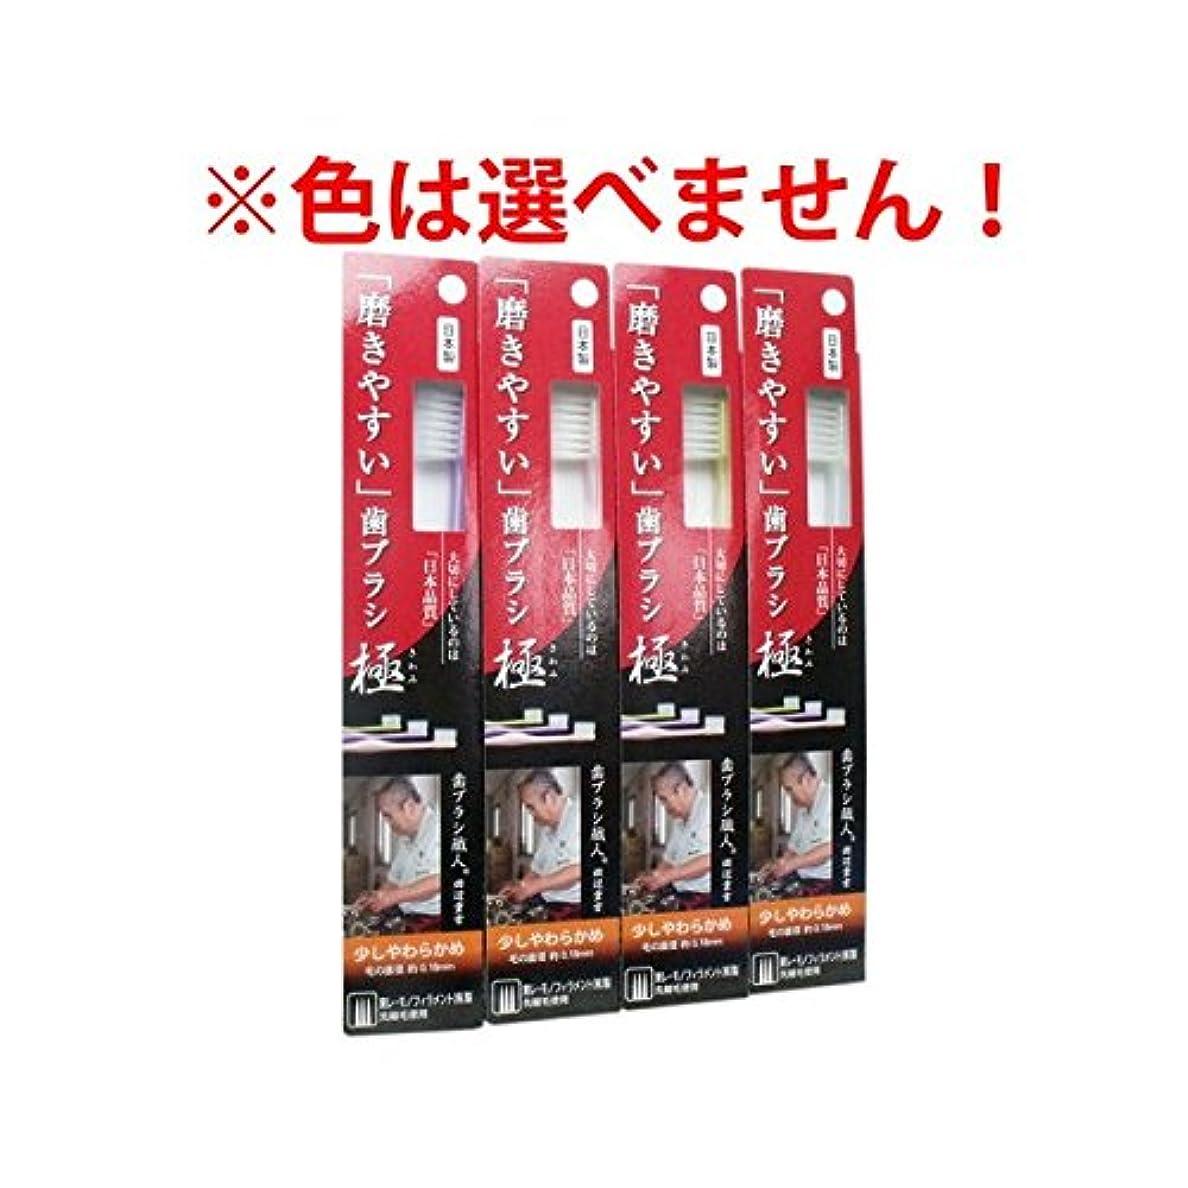 癌モッキンバード導入するライフレンジ 磨きやすい歯ブラシ極 1P*12本入り LT-25(少しやわらかめ)